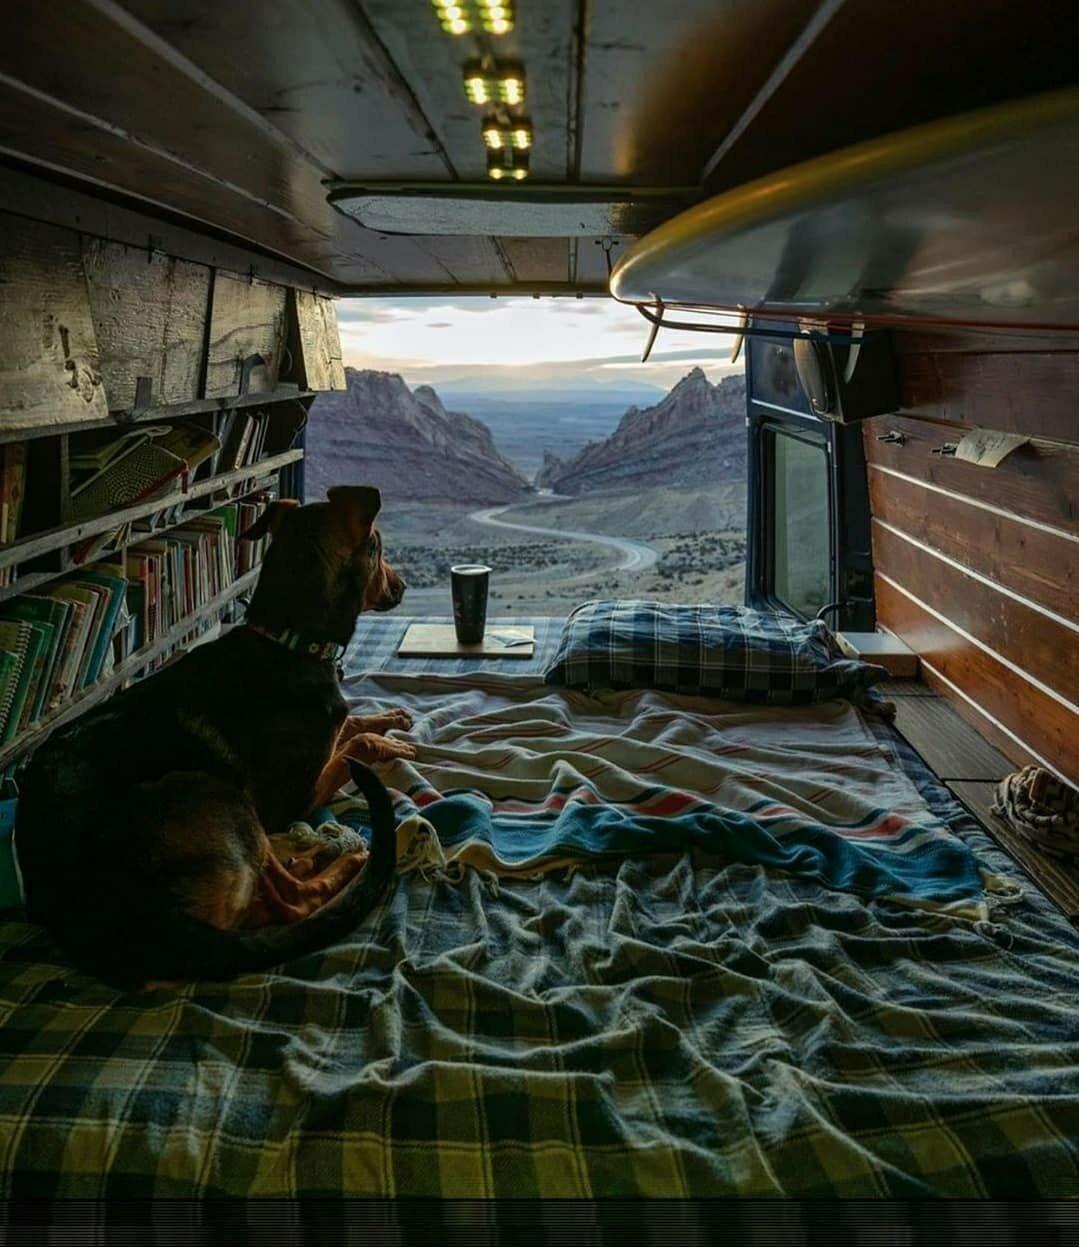 camper van with doggo